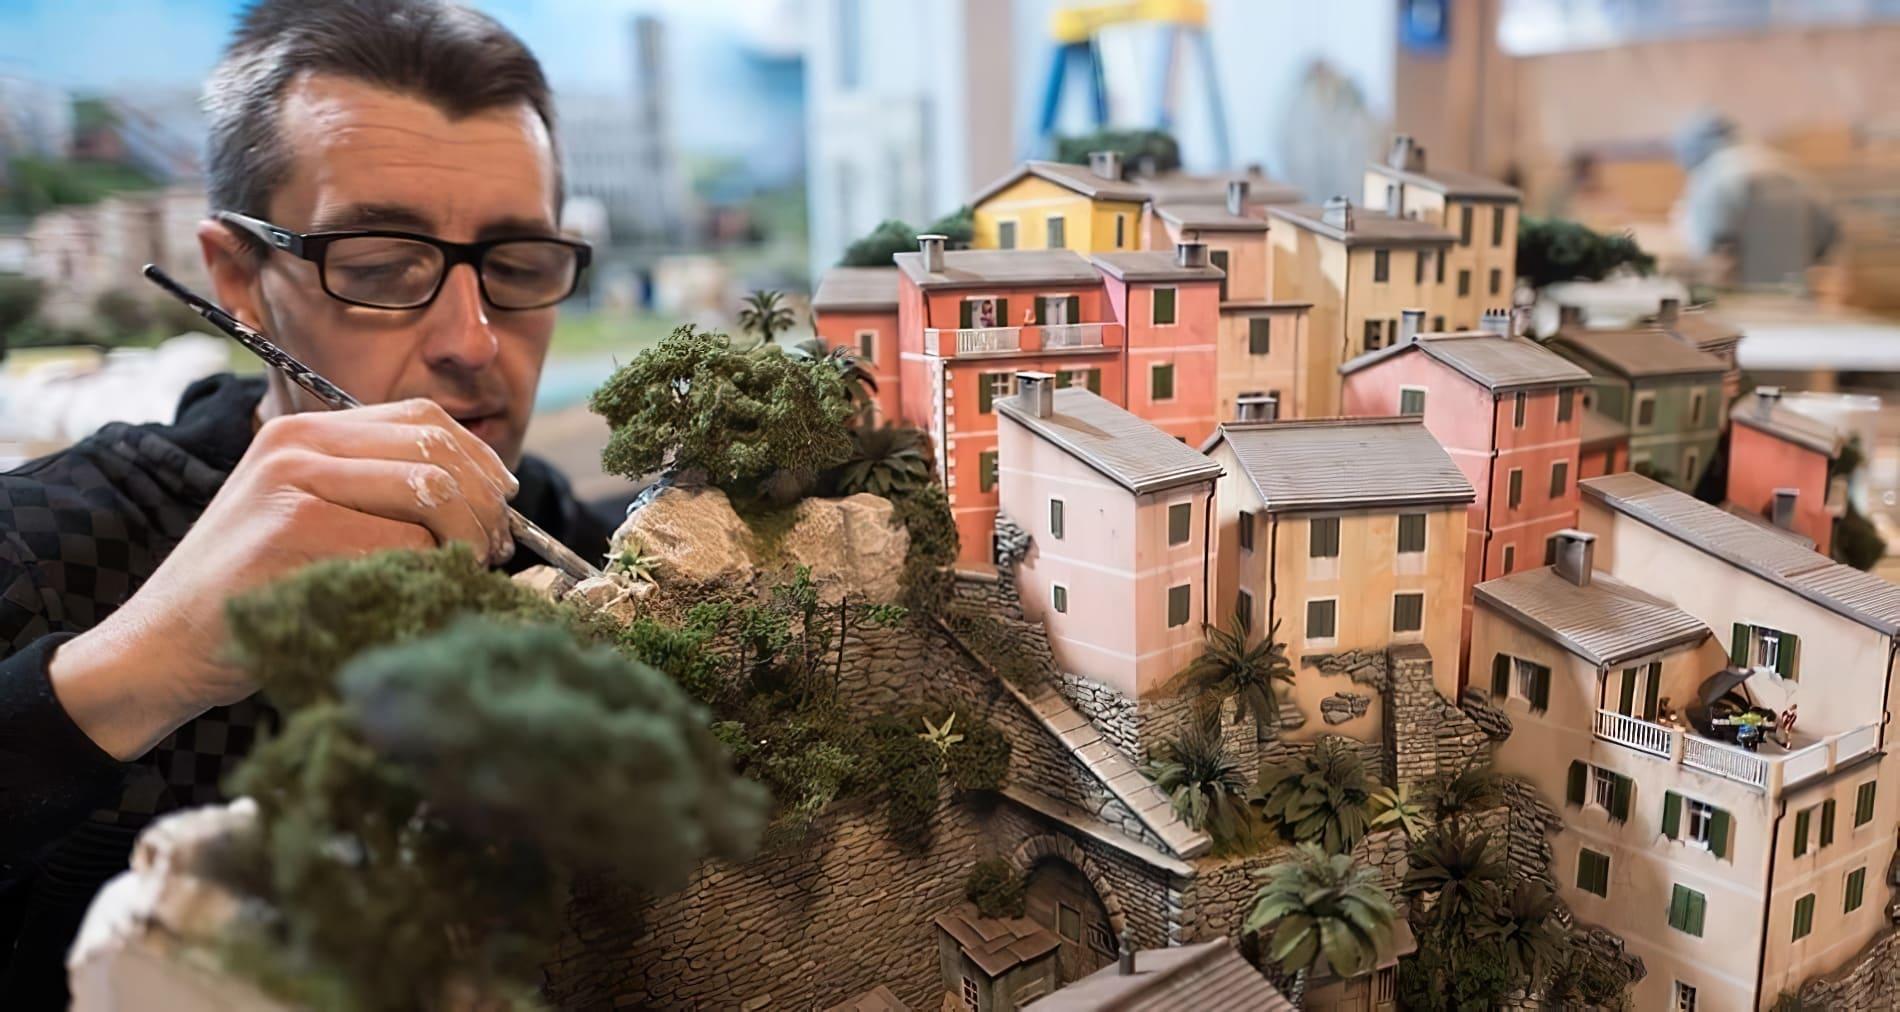 Visiter le monde en miniature au Gulliver's Gate de New York